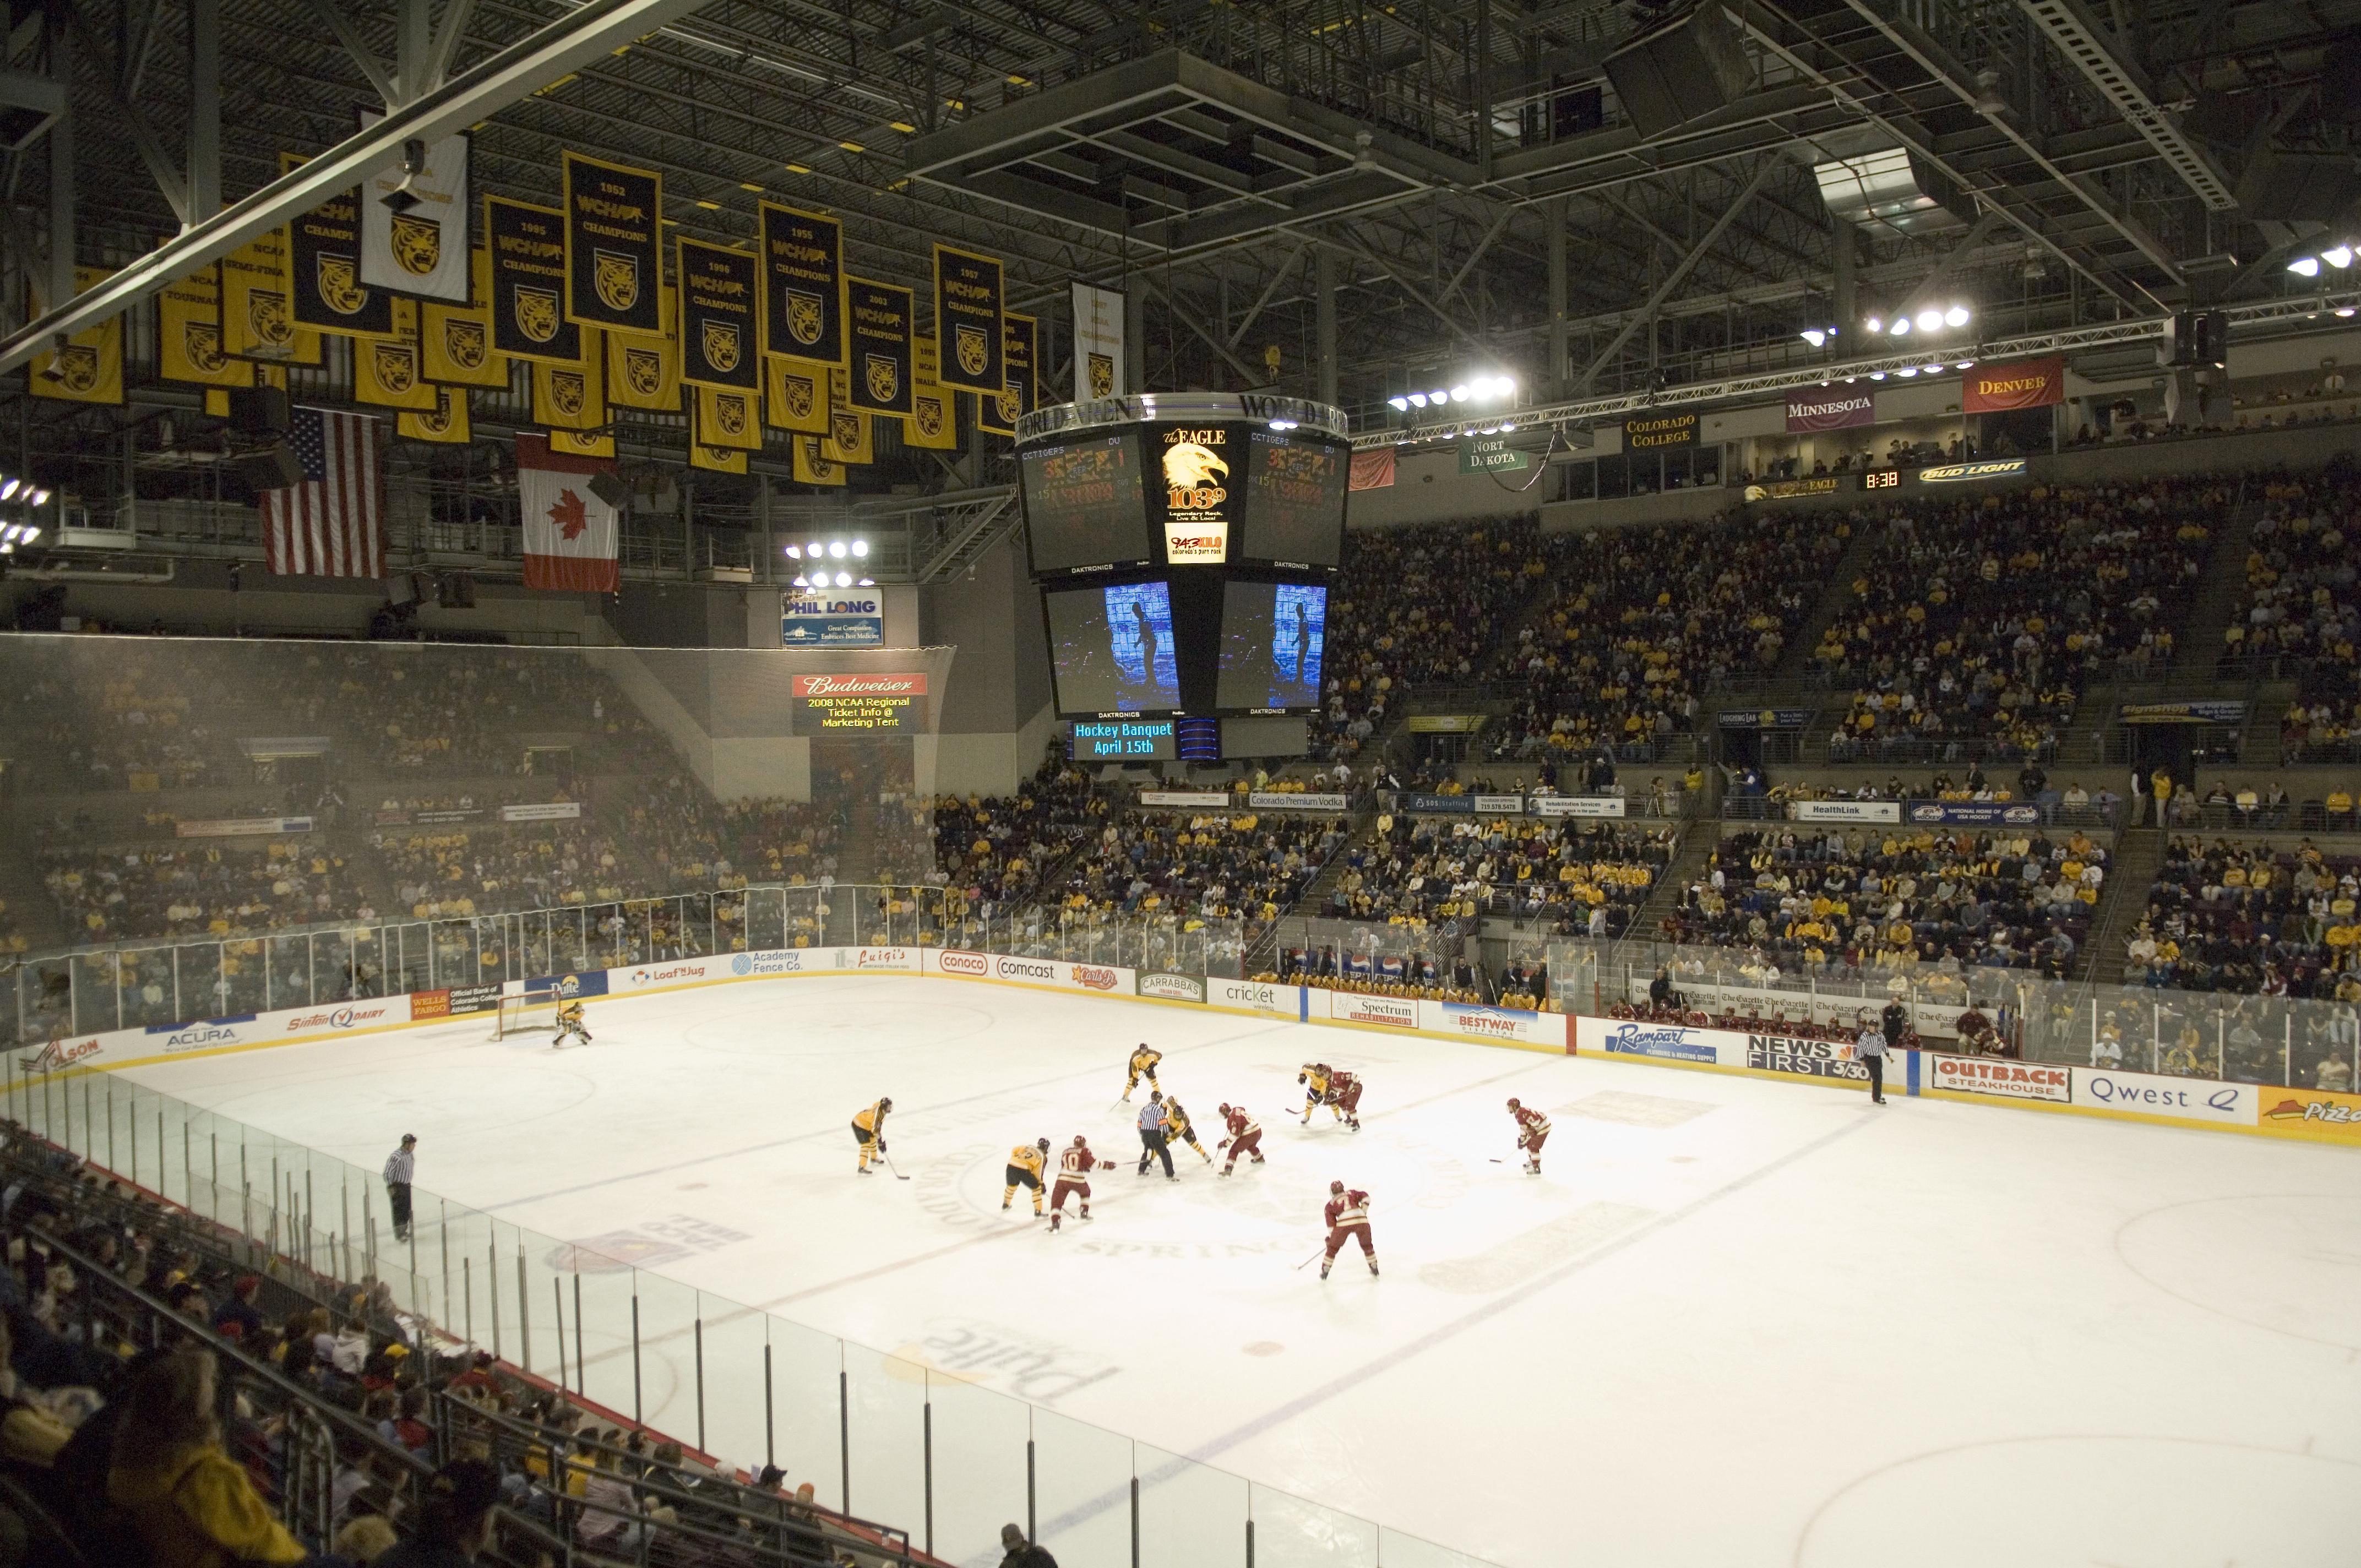 World Arena Colorado Springs Seating Map Brokeasshome Com